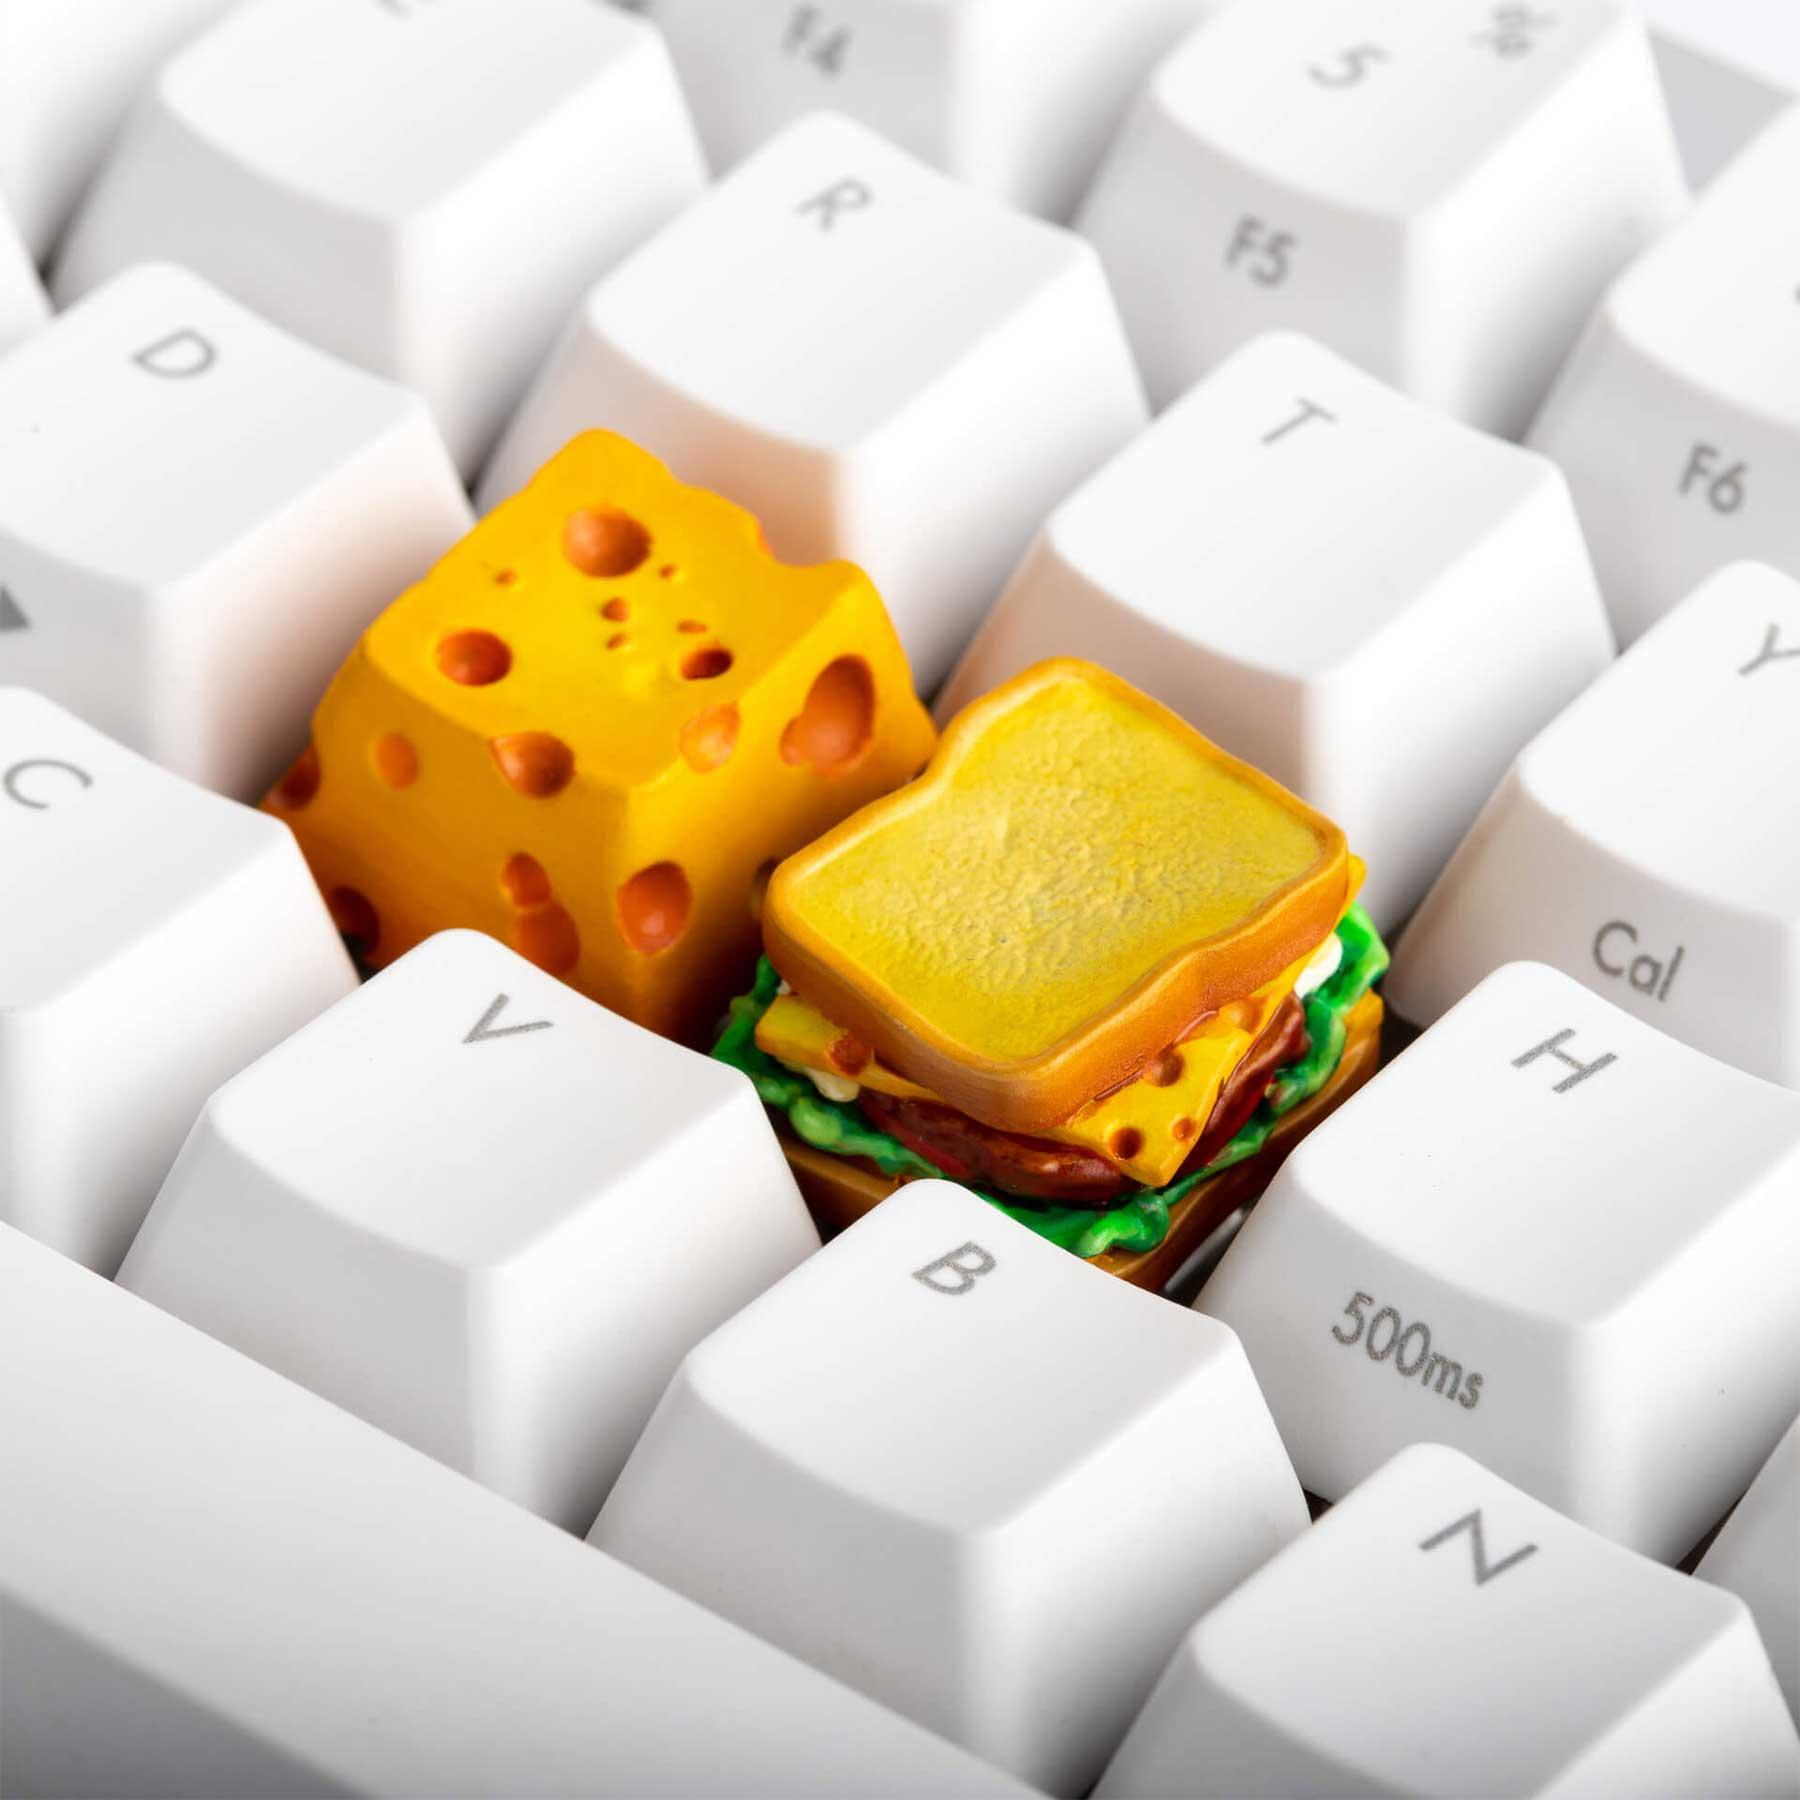 Essens-Tastatur-Tasten foodie-tastaturtasten-keycap_06